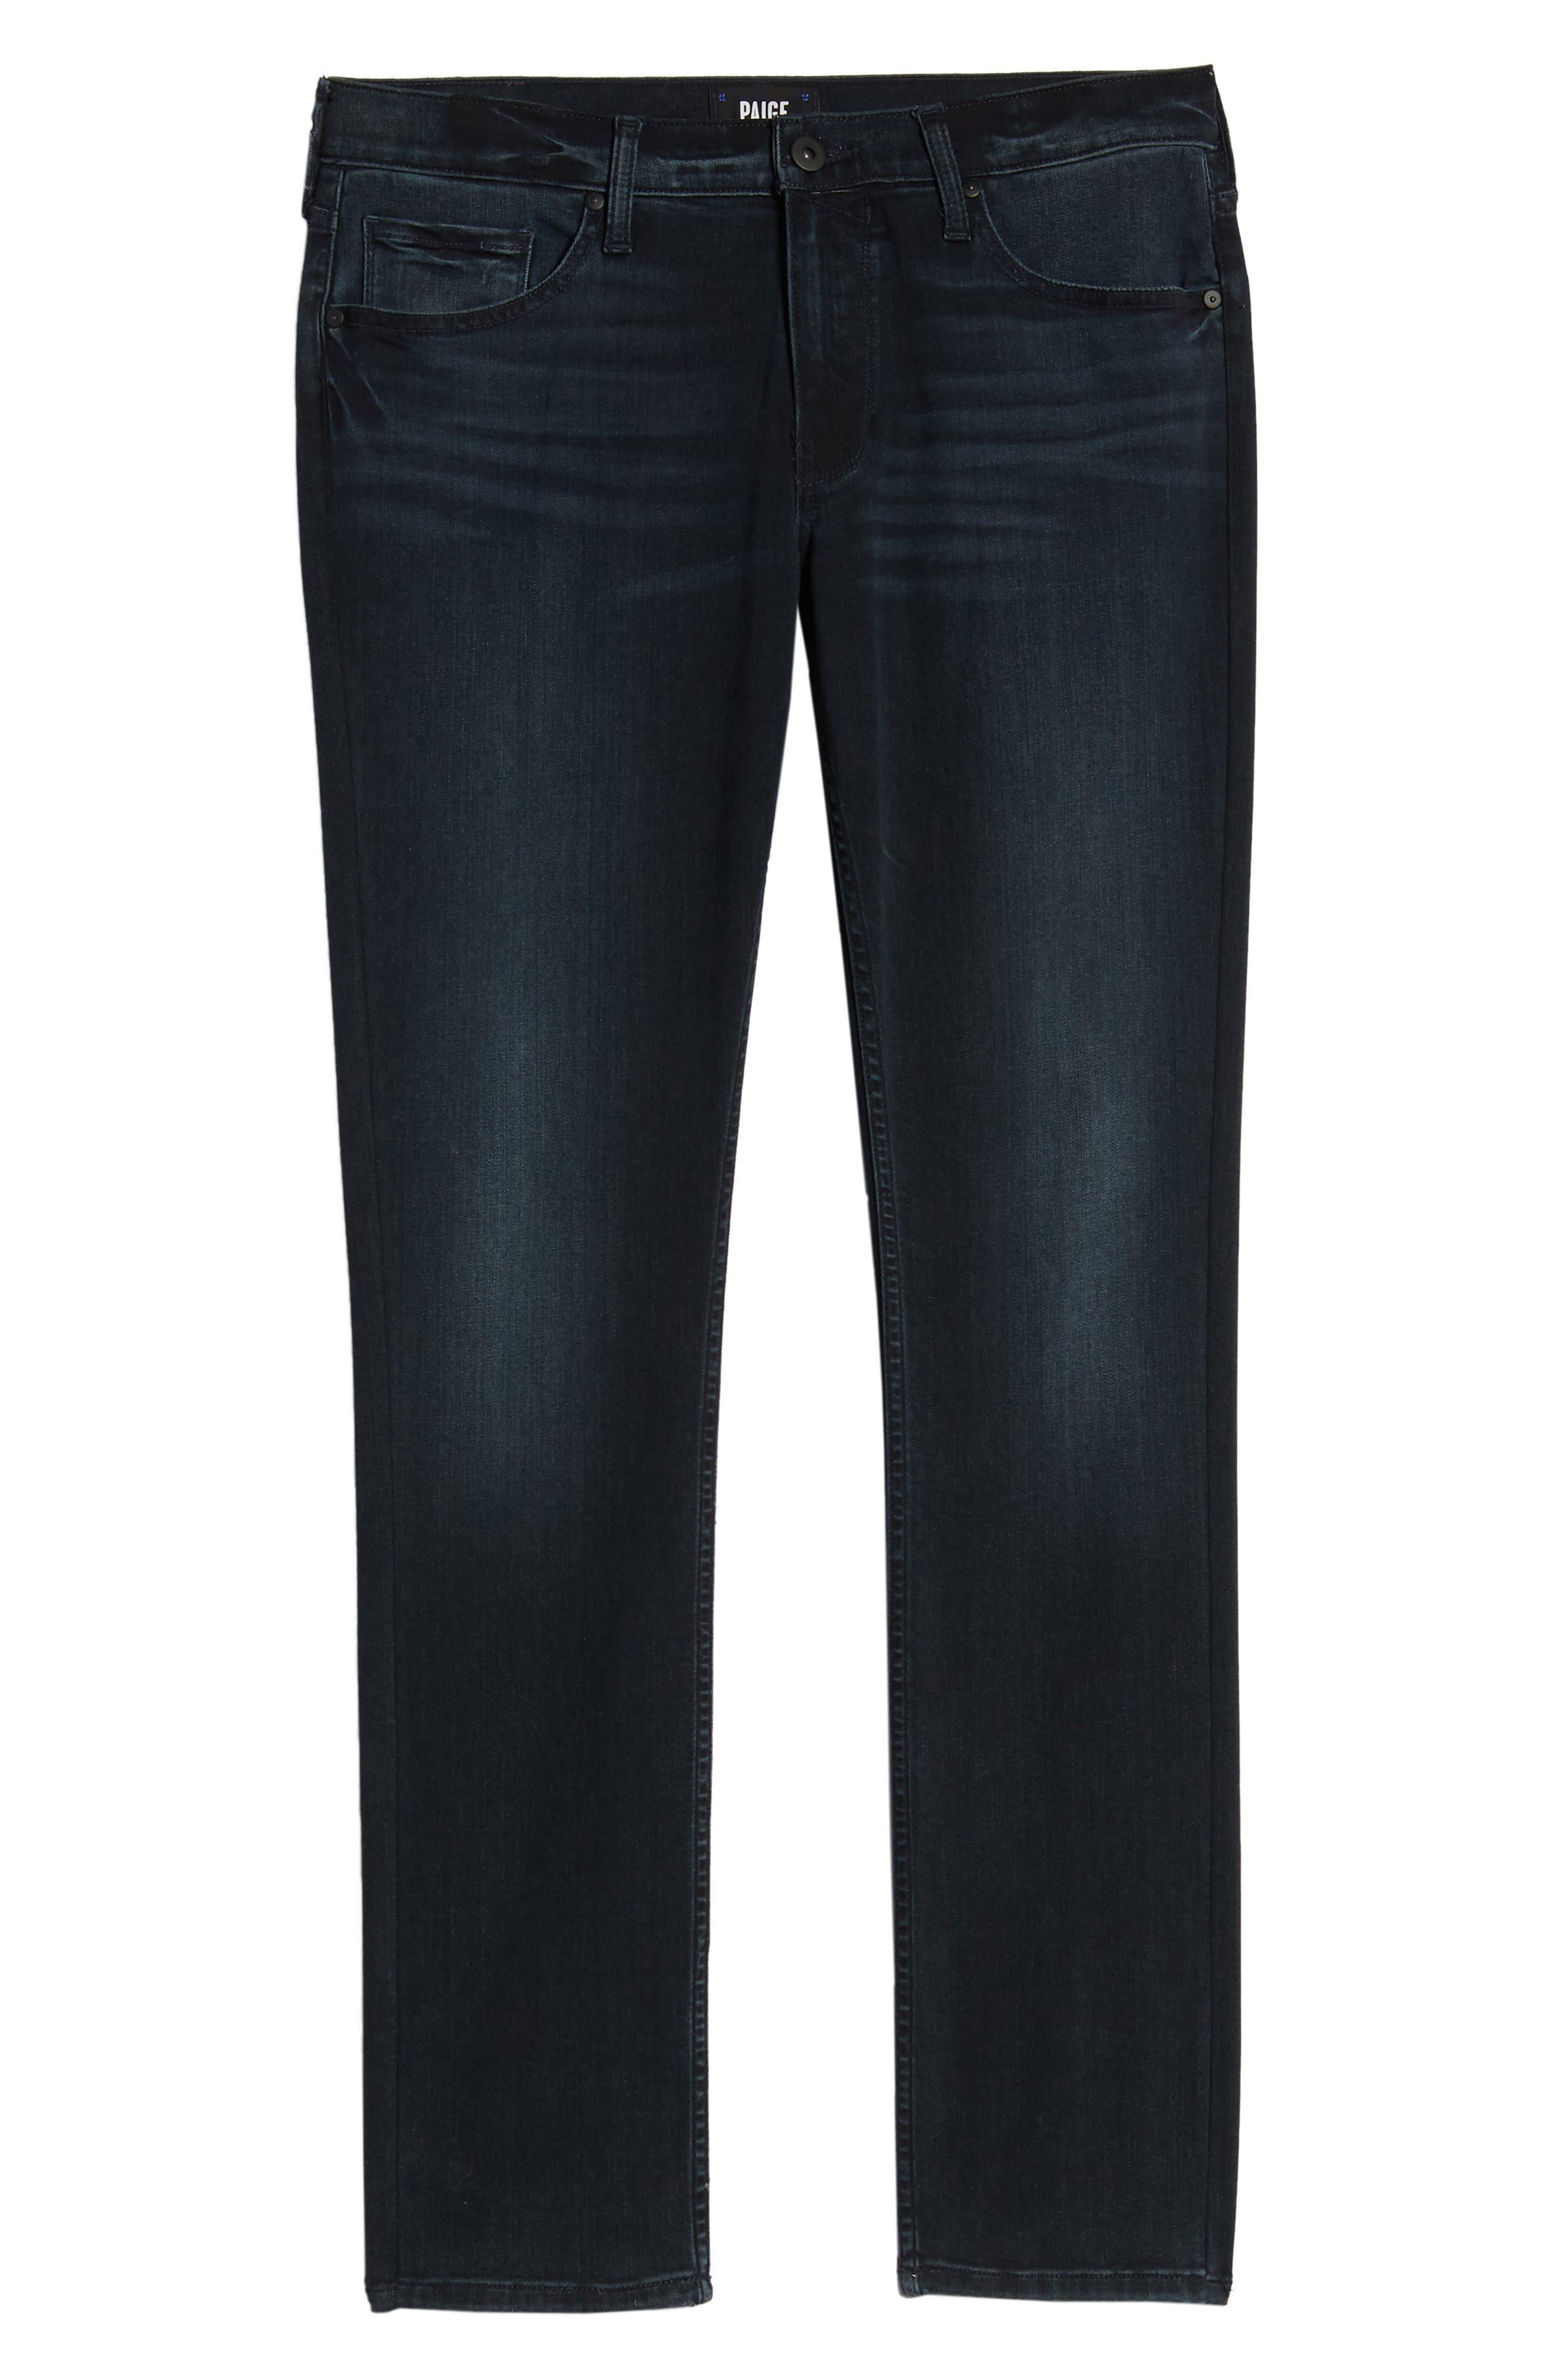 PAIGE, Transcend - Lennox Slim Fit Jeans, Alternate thumbnail 7, color, HOLLAND